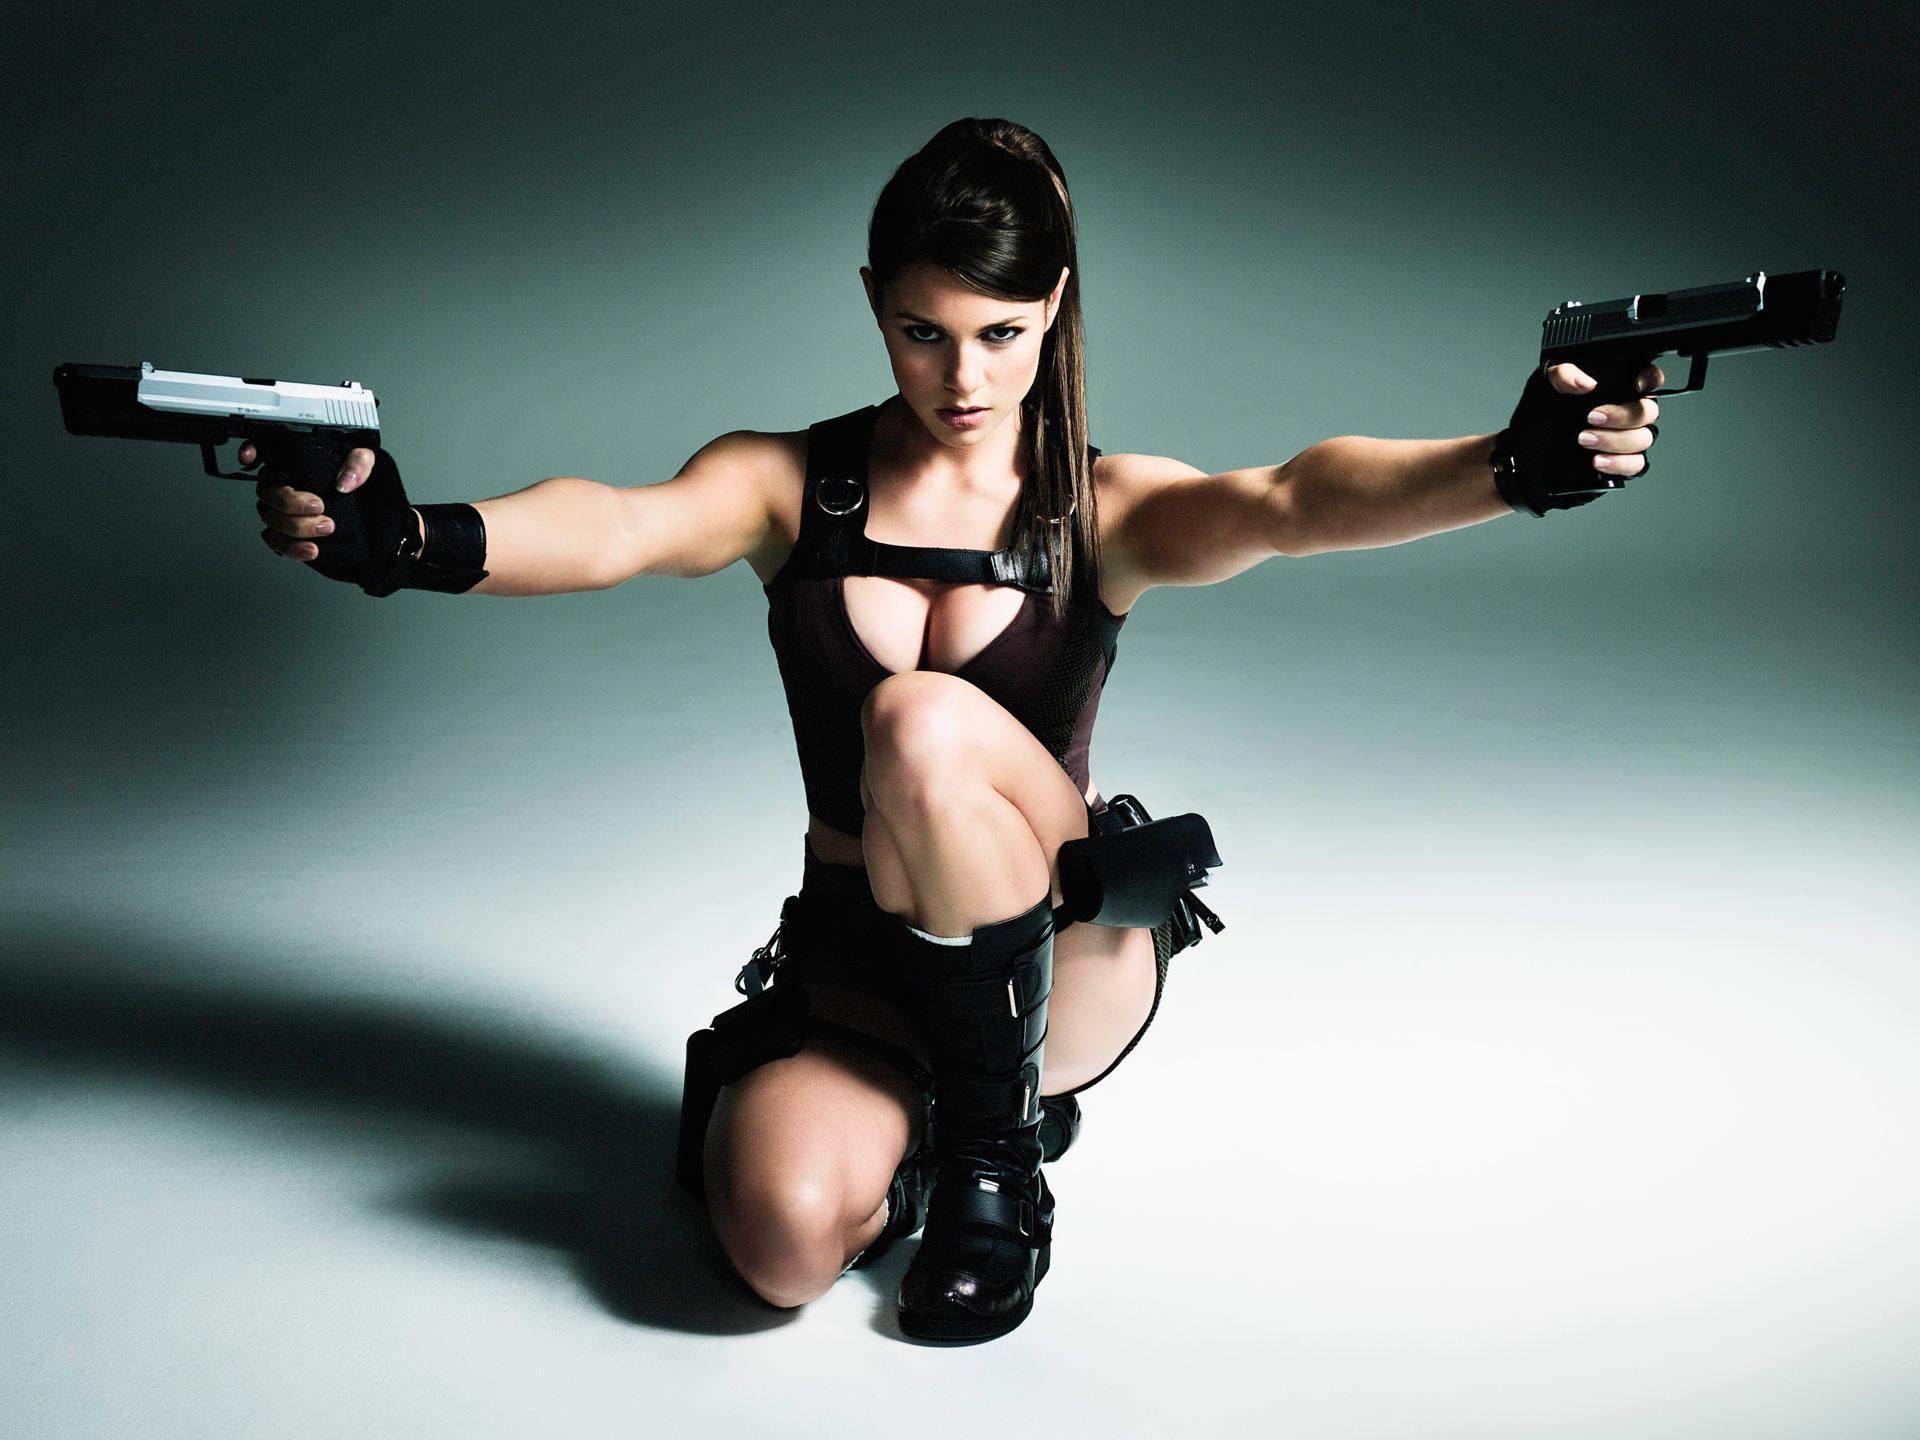 Том Райдер, расхитительница гробниц, девушка с пистолетами, Tomb Rider, скачать фото, обои для рабочего стола